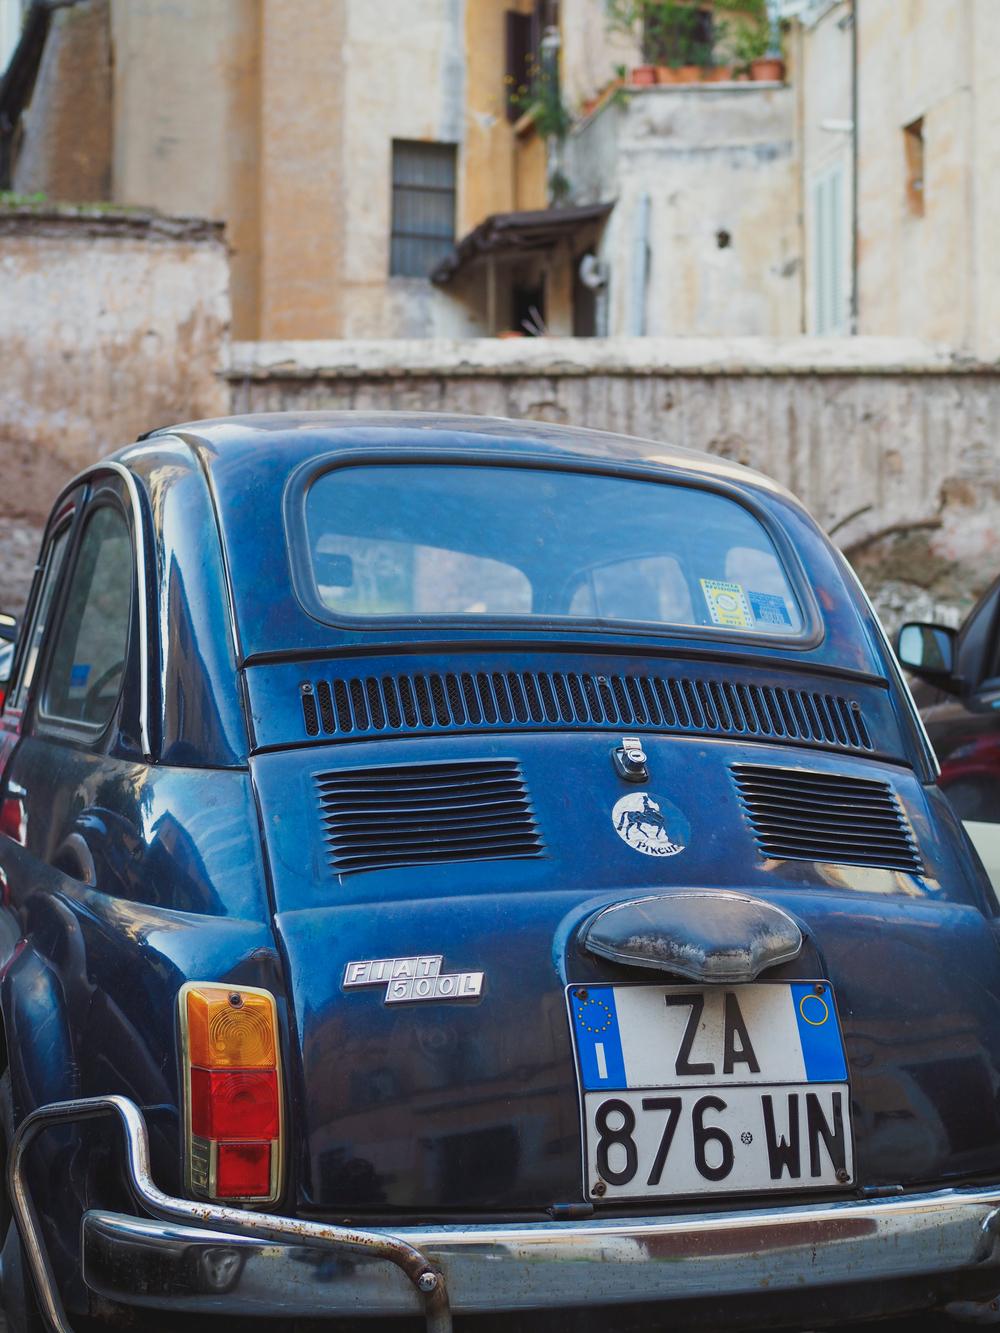 rome-italy-photo-diary-3-29